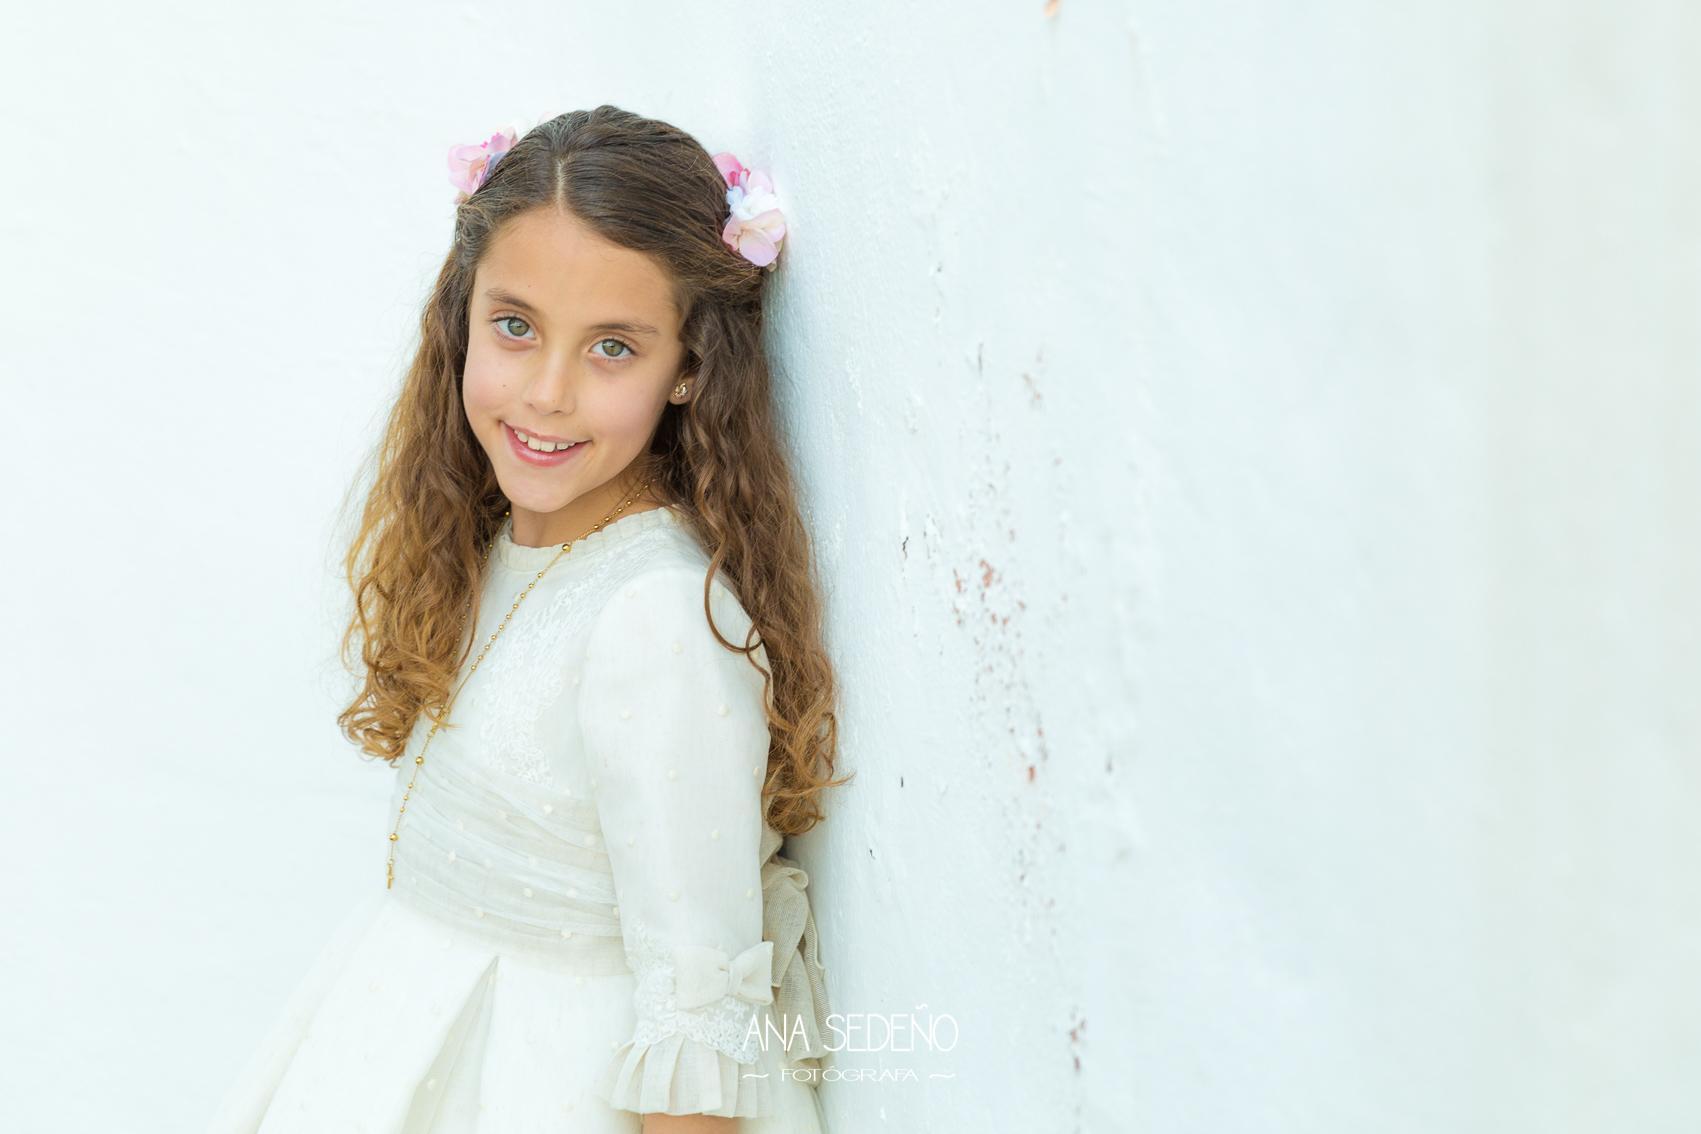 Ana Sedeño Fotografa.-Marta-0124